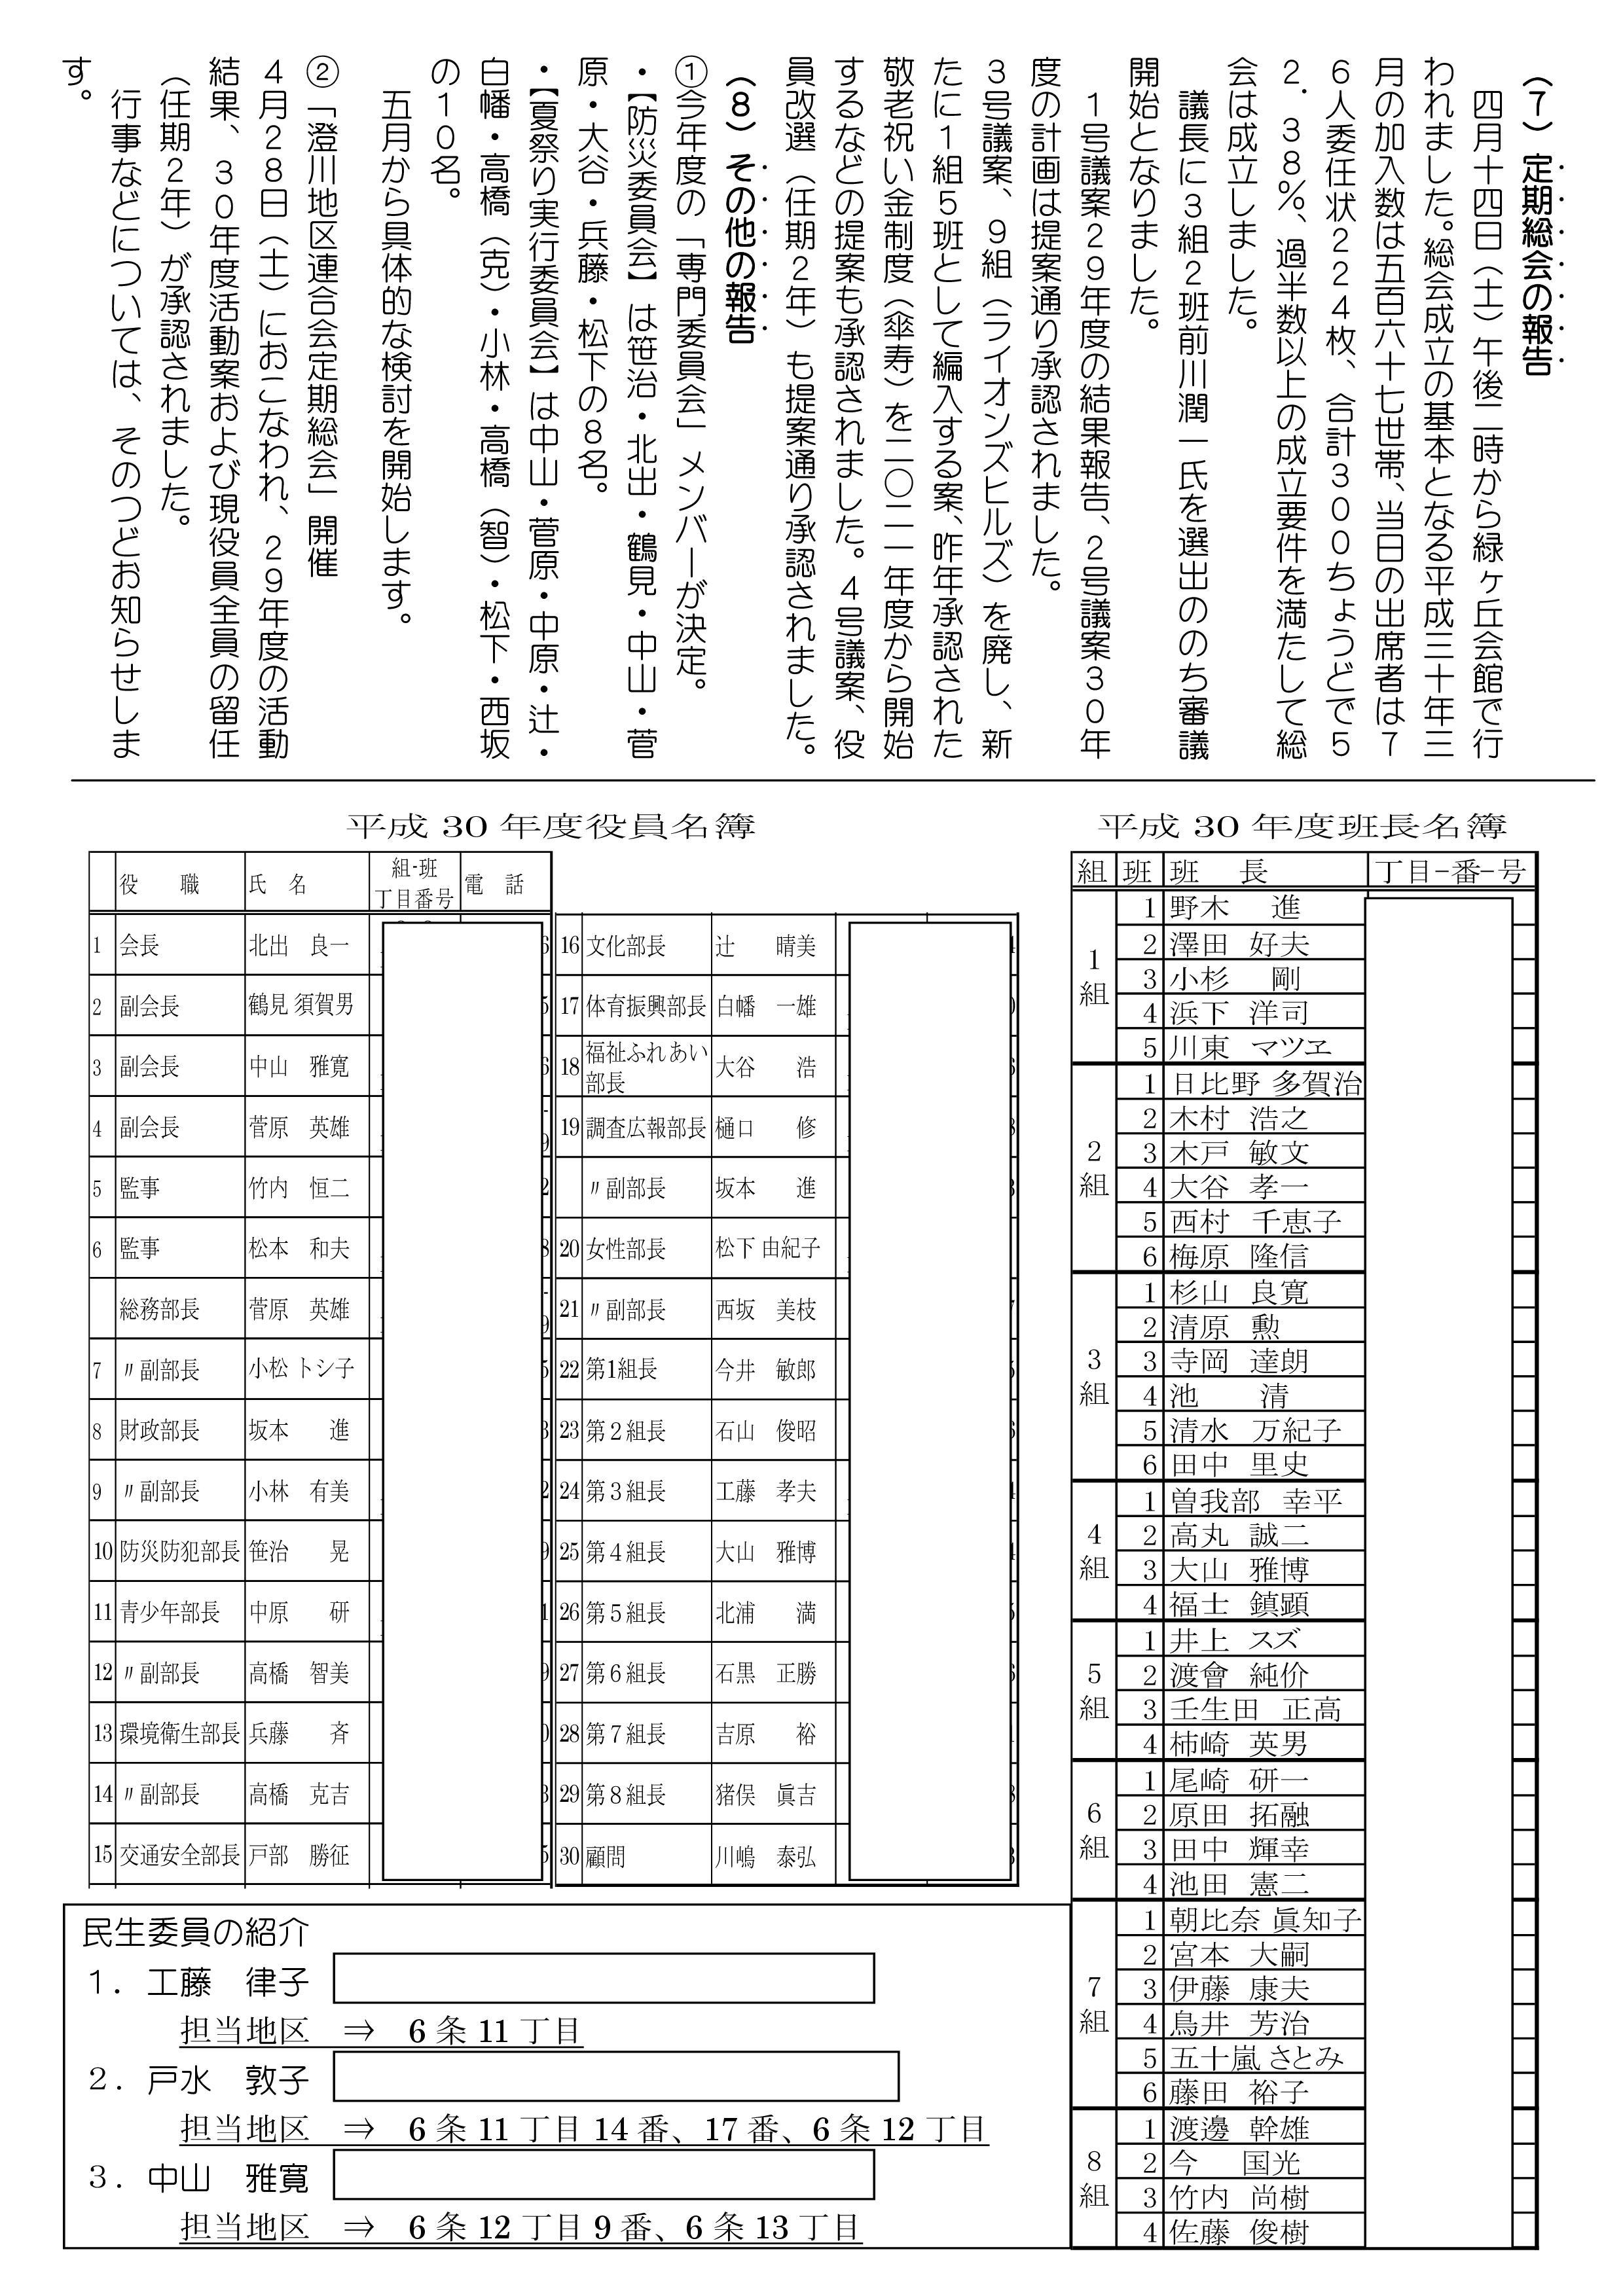 http://sumikawa.info/asahidai/30-5%E6%9C%88%E5%8F%B72.jpg